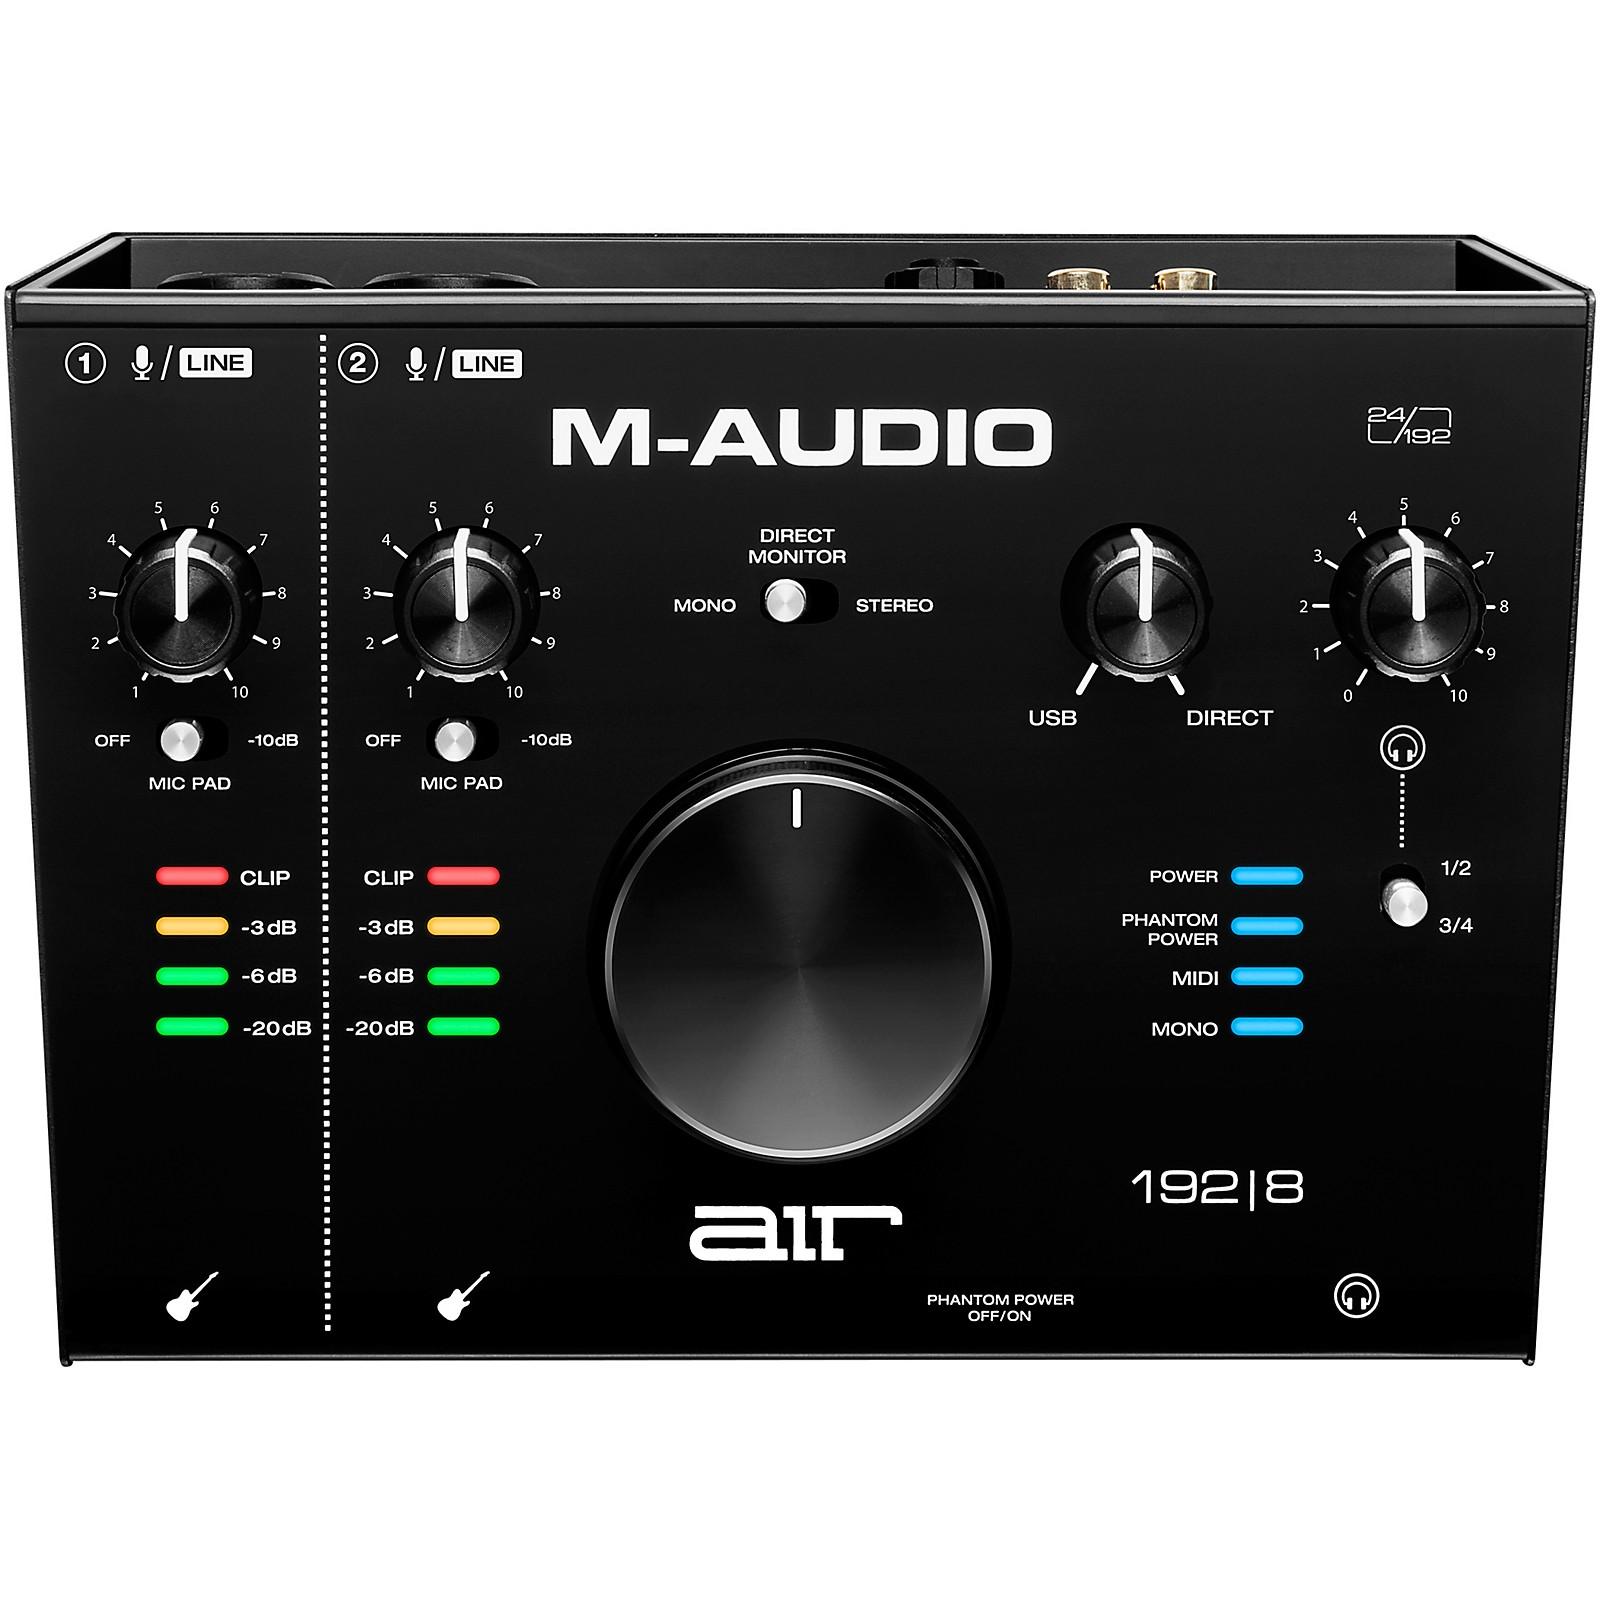 M-Audio AIR 192 8 USB C Audio Interface